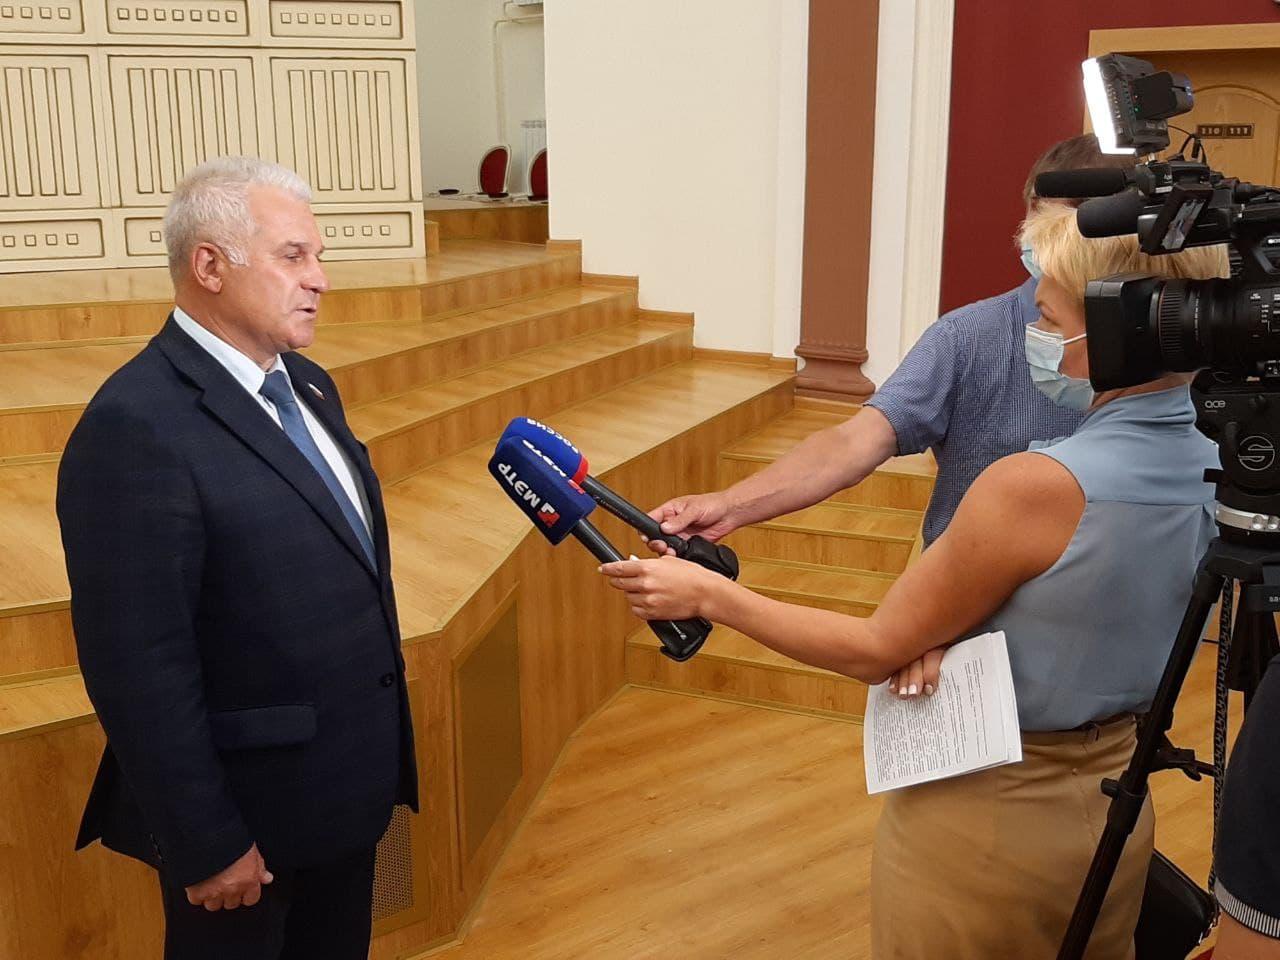 Сергей Мартынов оценил внимание депутатов Госсобрания Марий Эл к борьбе с коррупцией